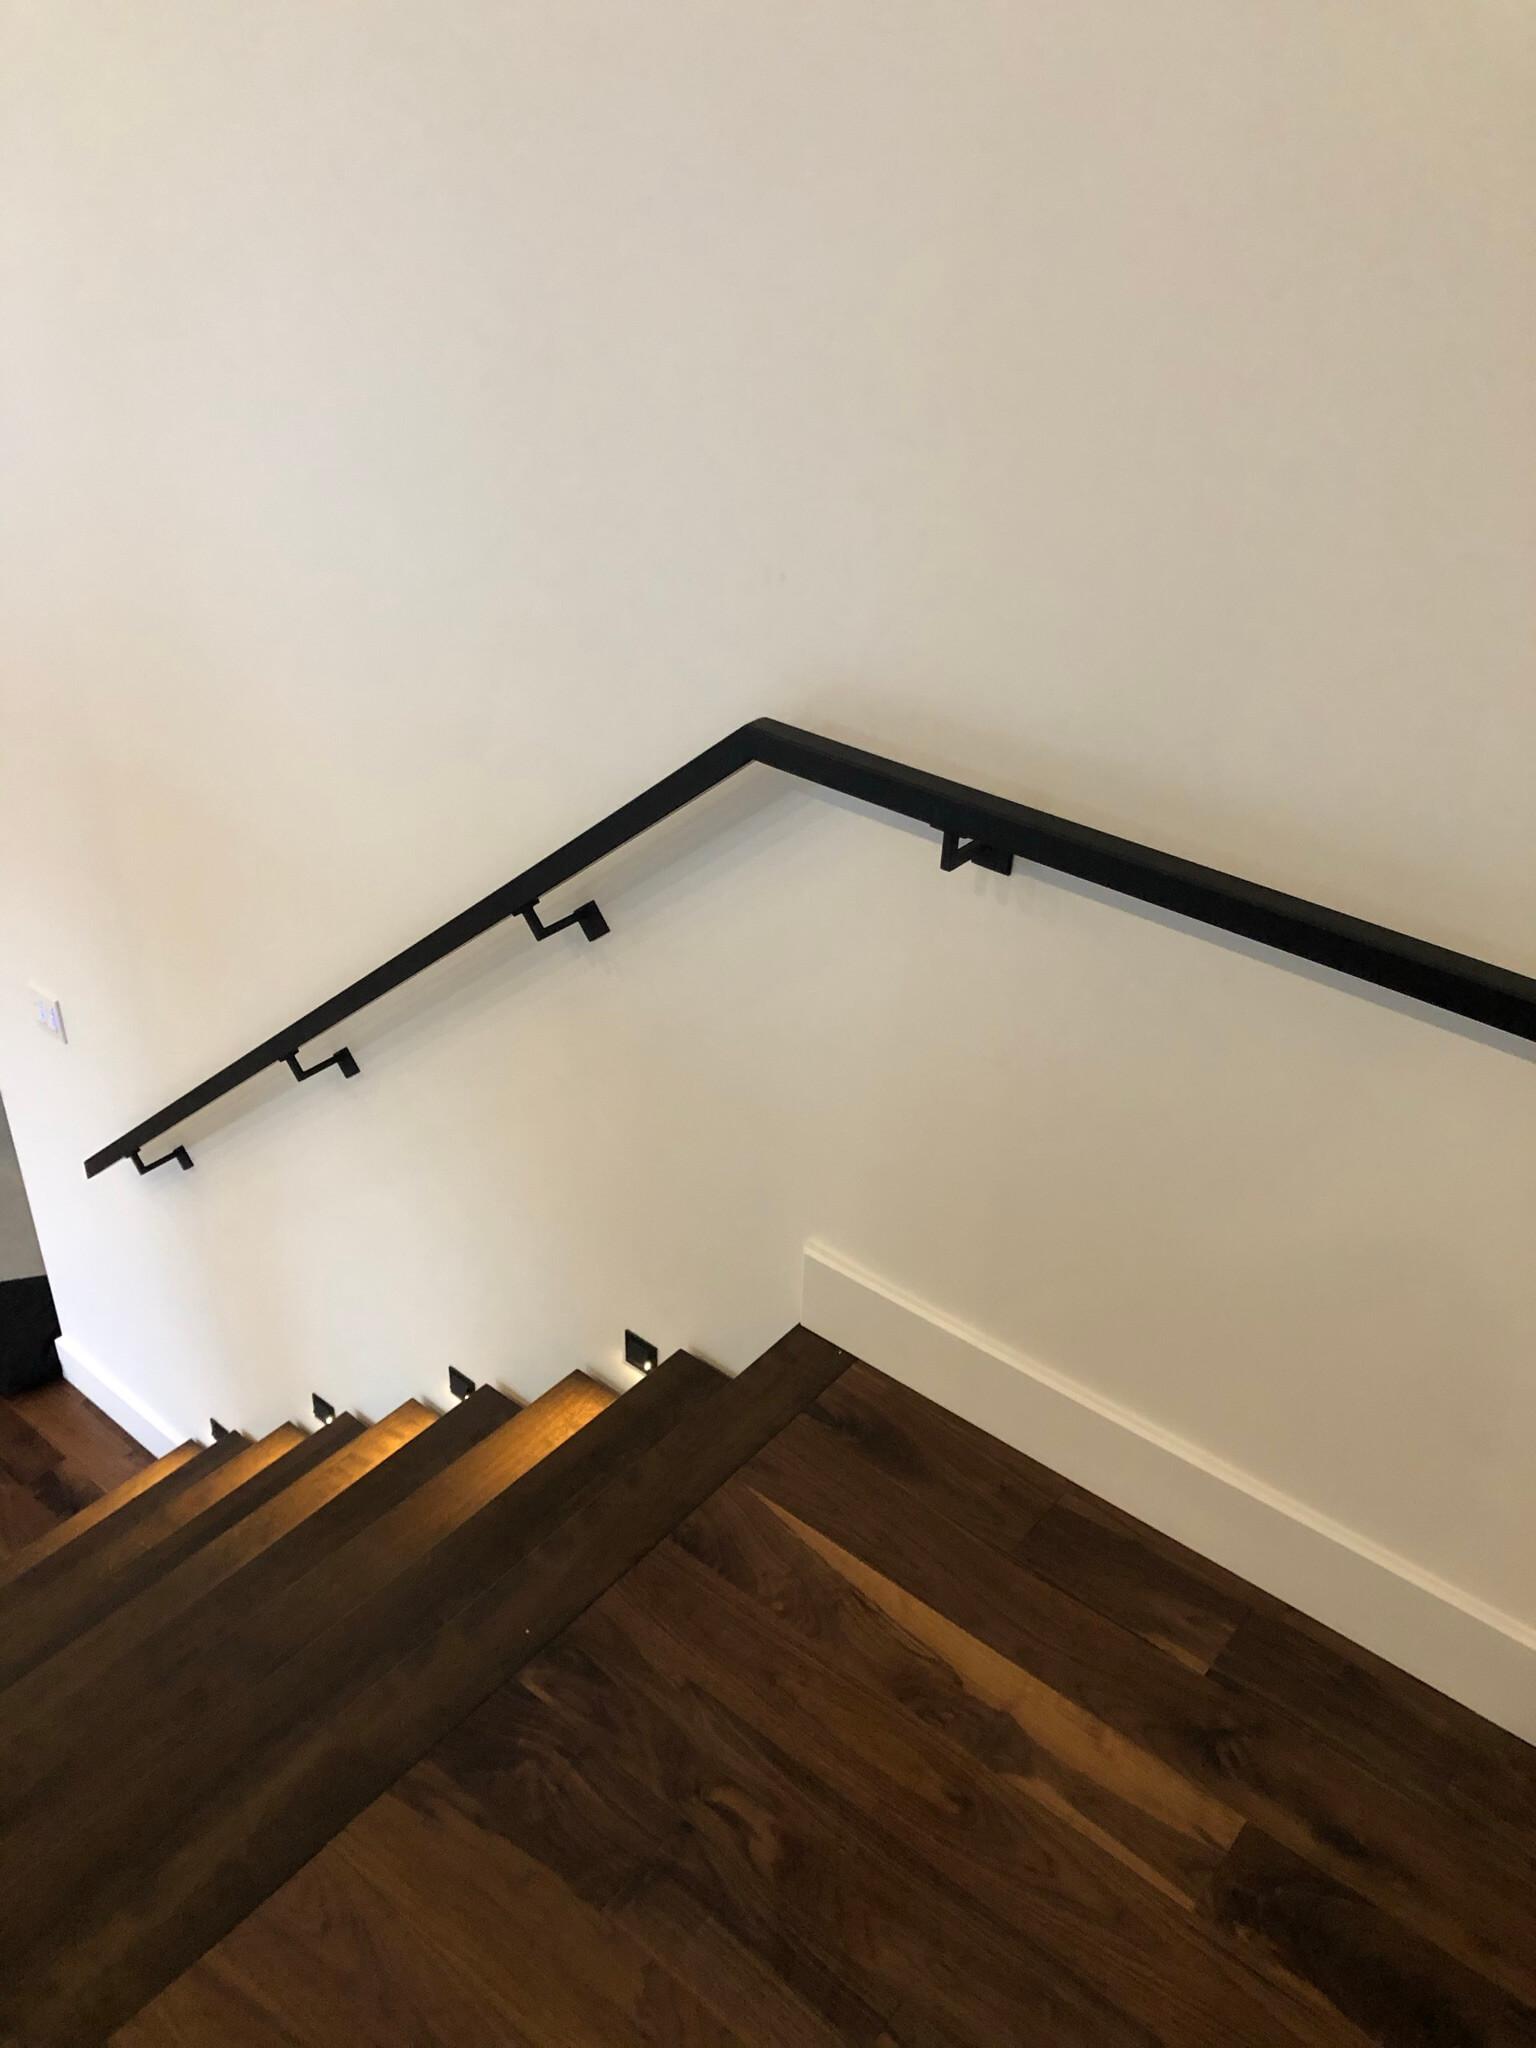 Escalier rampe en verre - Lorraine - 011